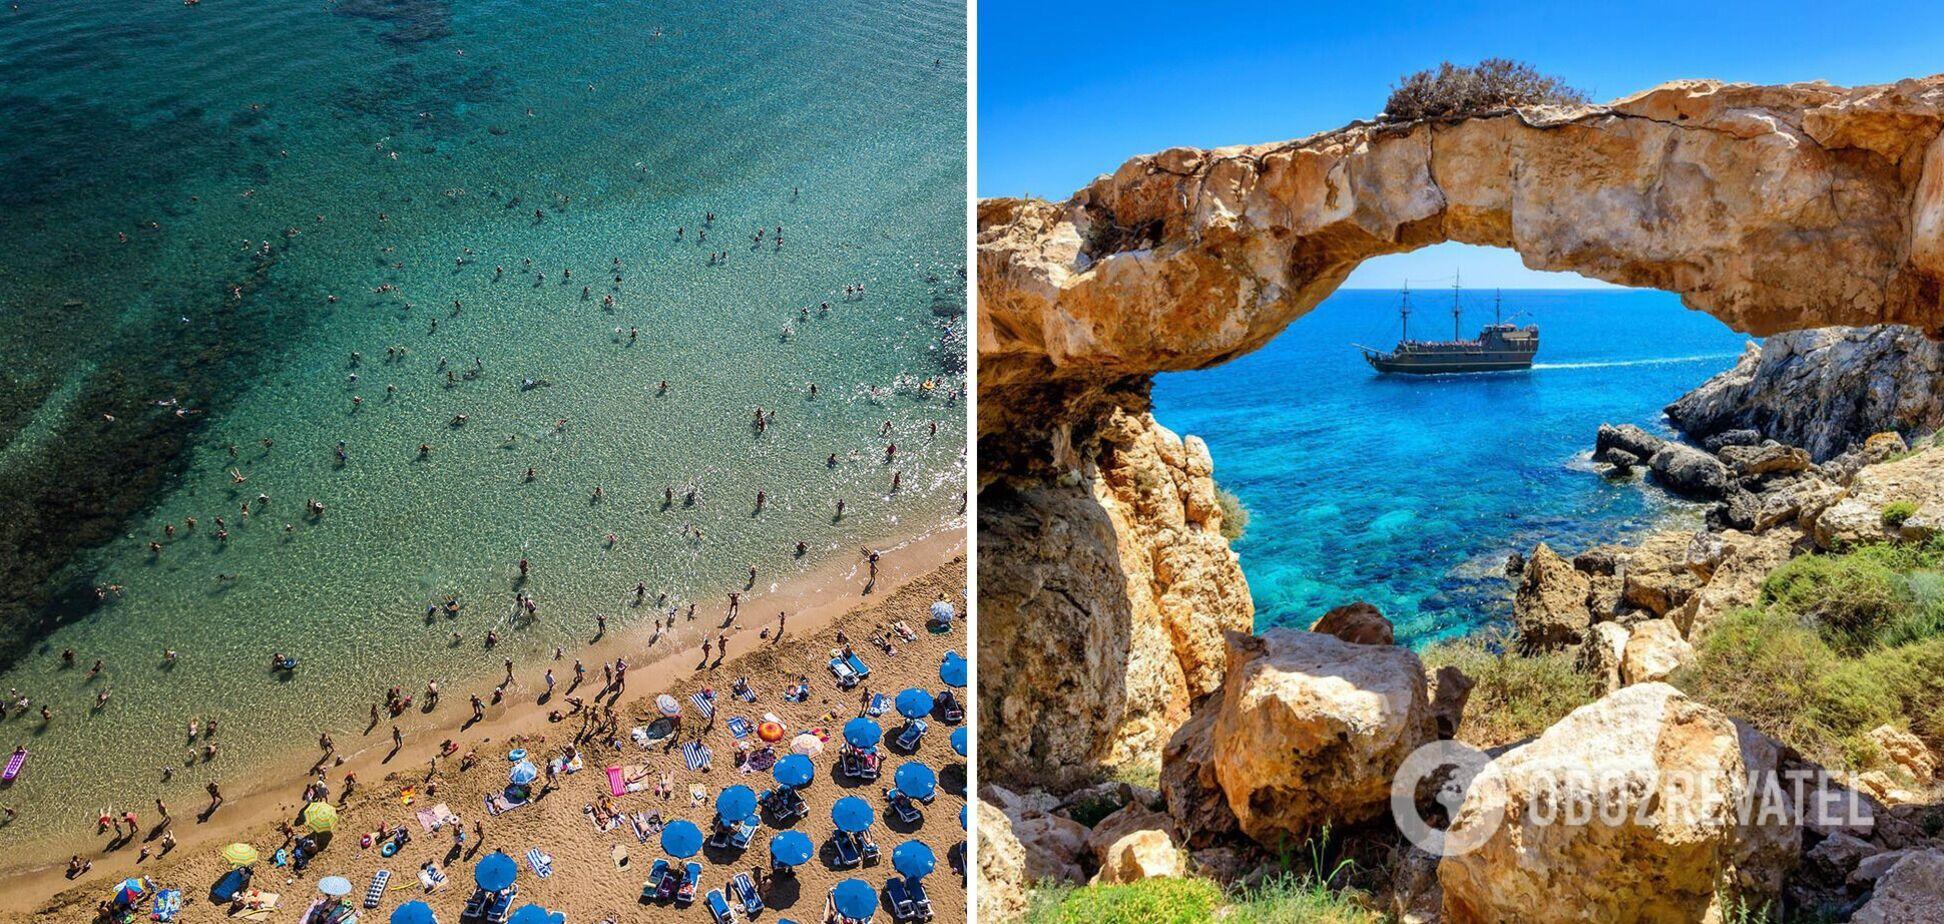 Кипр открыл границы для украинцев по новым правилам: что изменилось